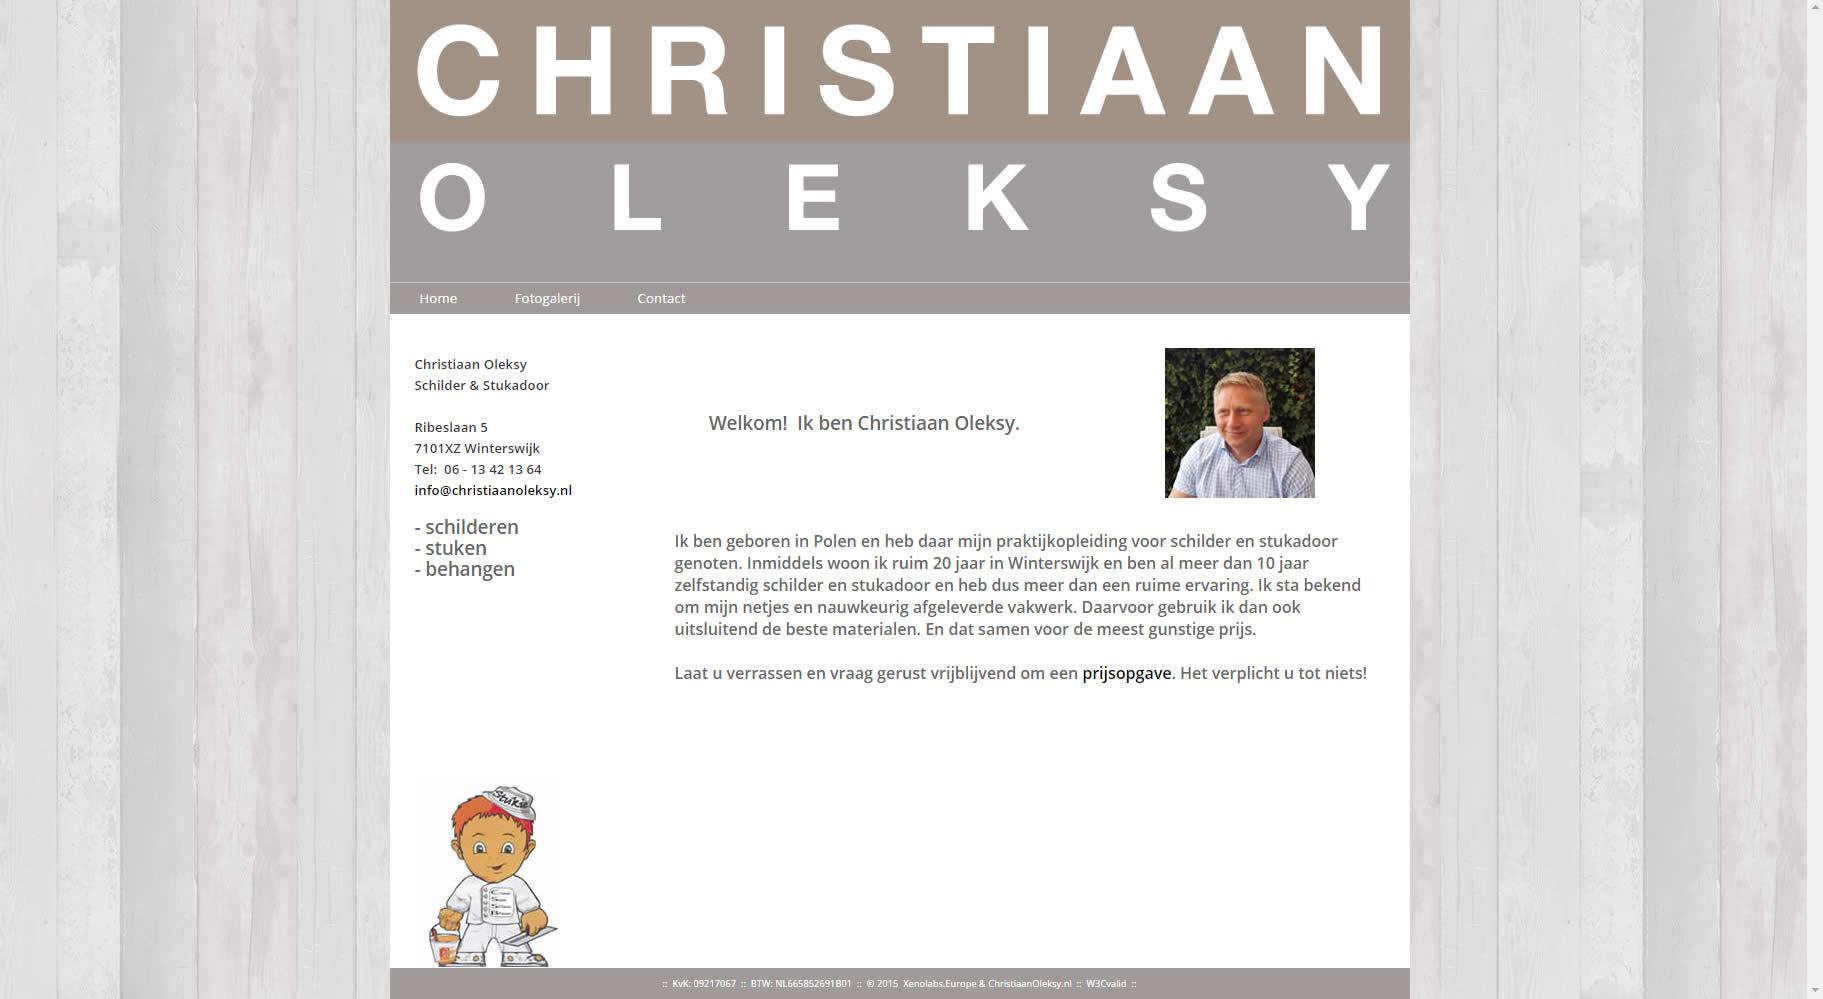 christiaanoleksy.nl